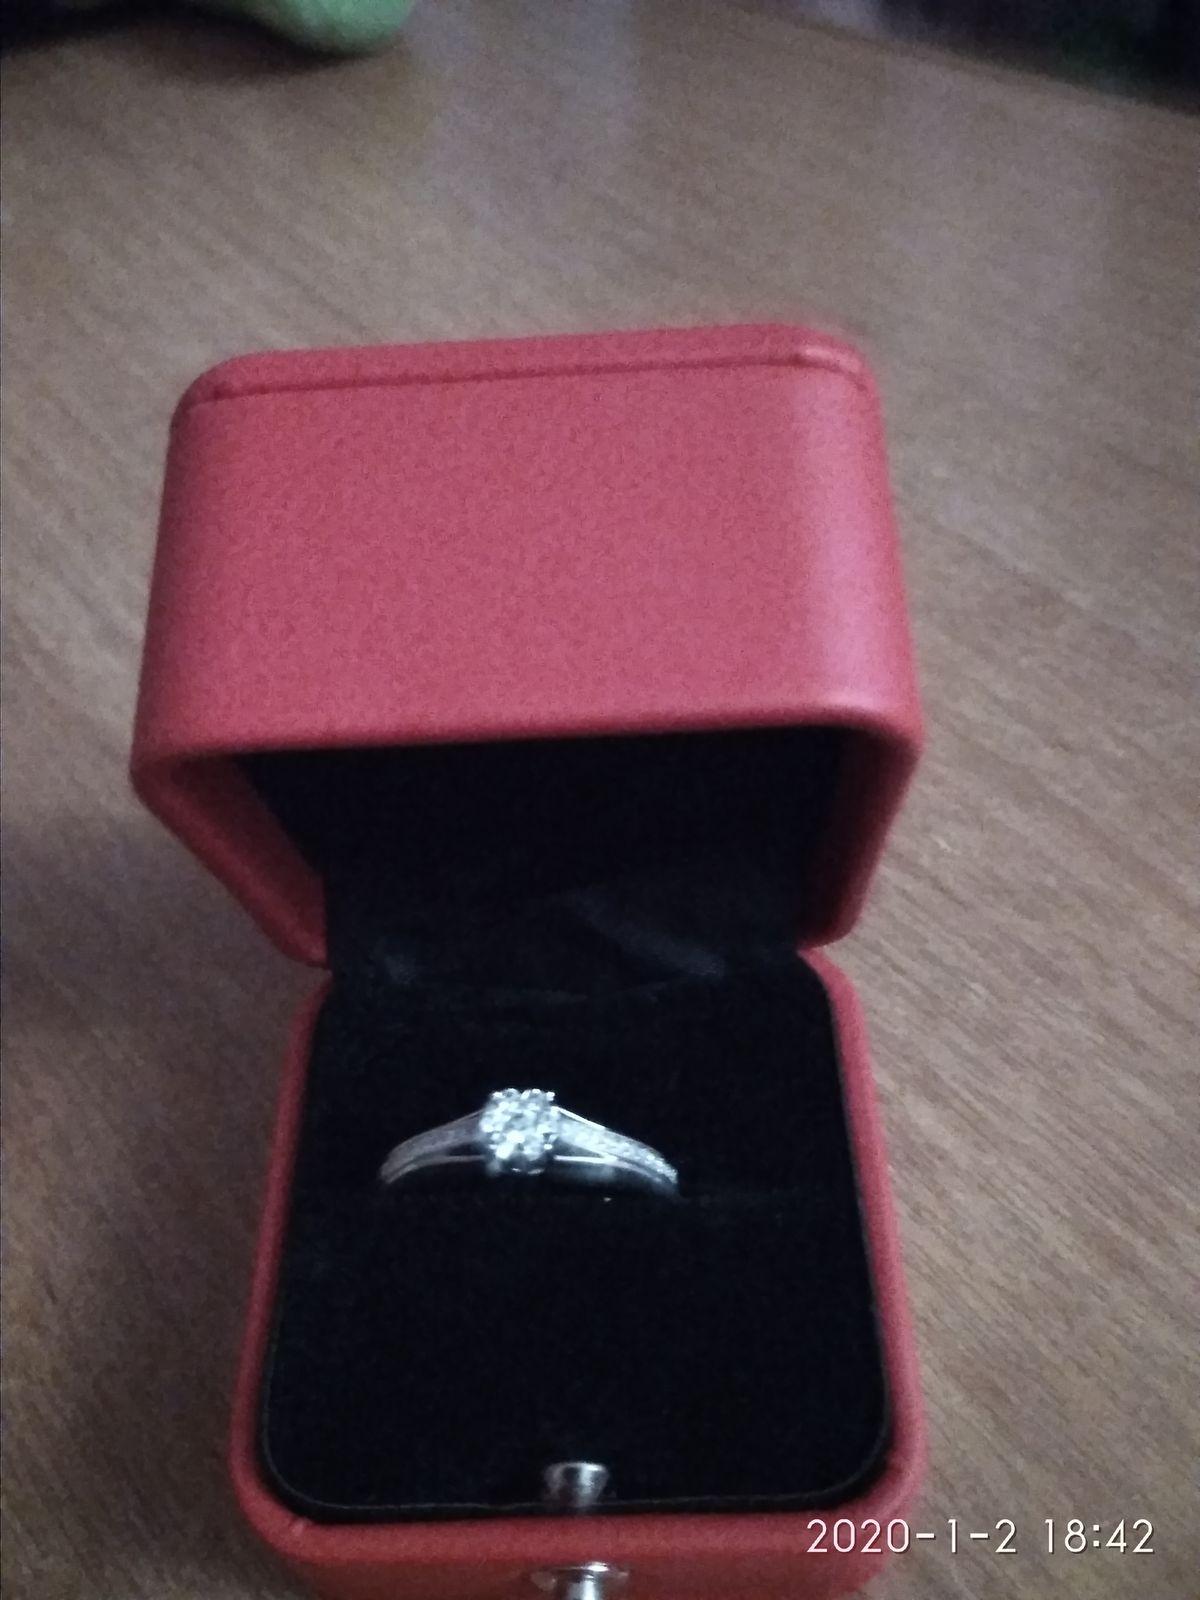 Муж подарил на новый год это кольцо я была очень рада.